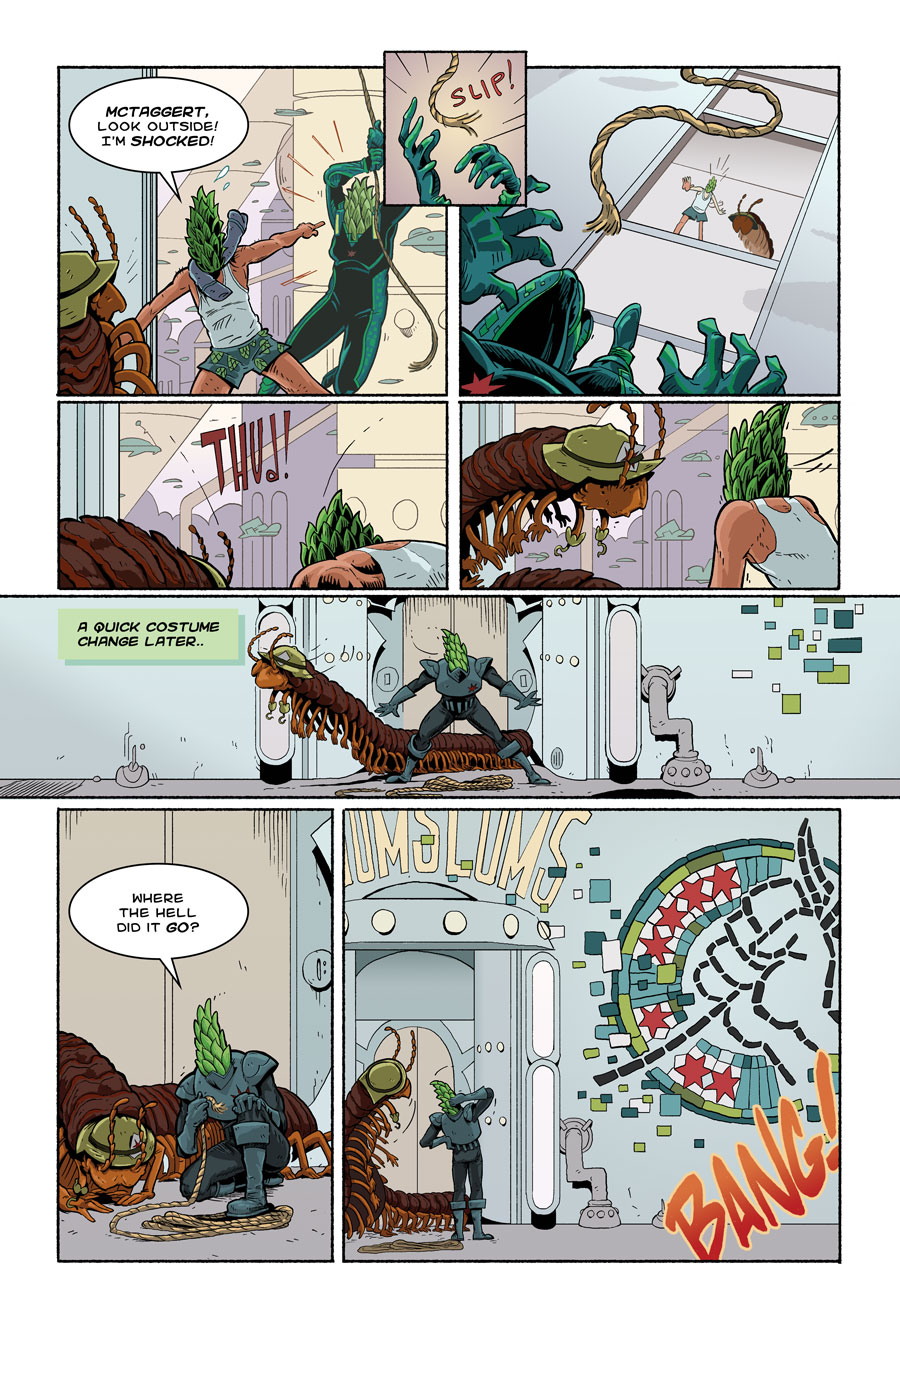 GH2_p5_comicexample.jpg